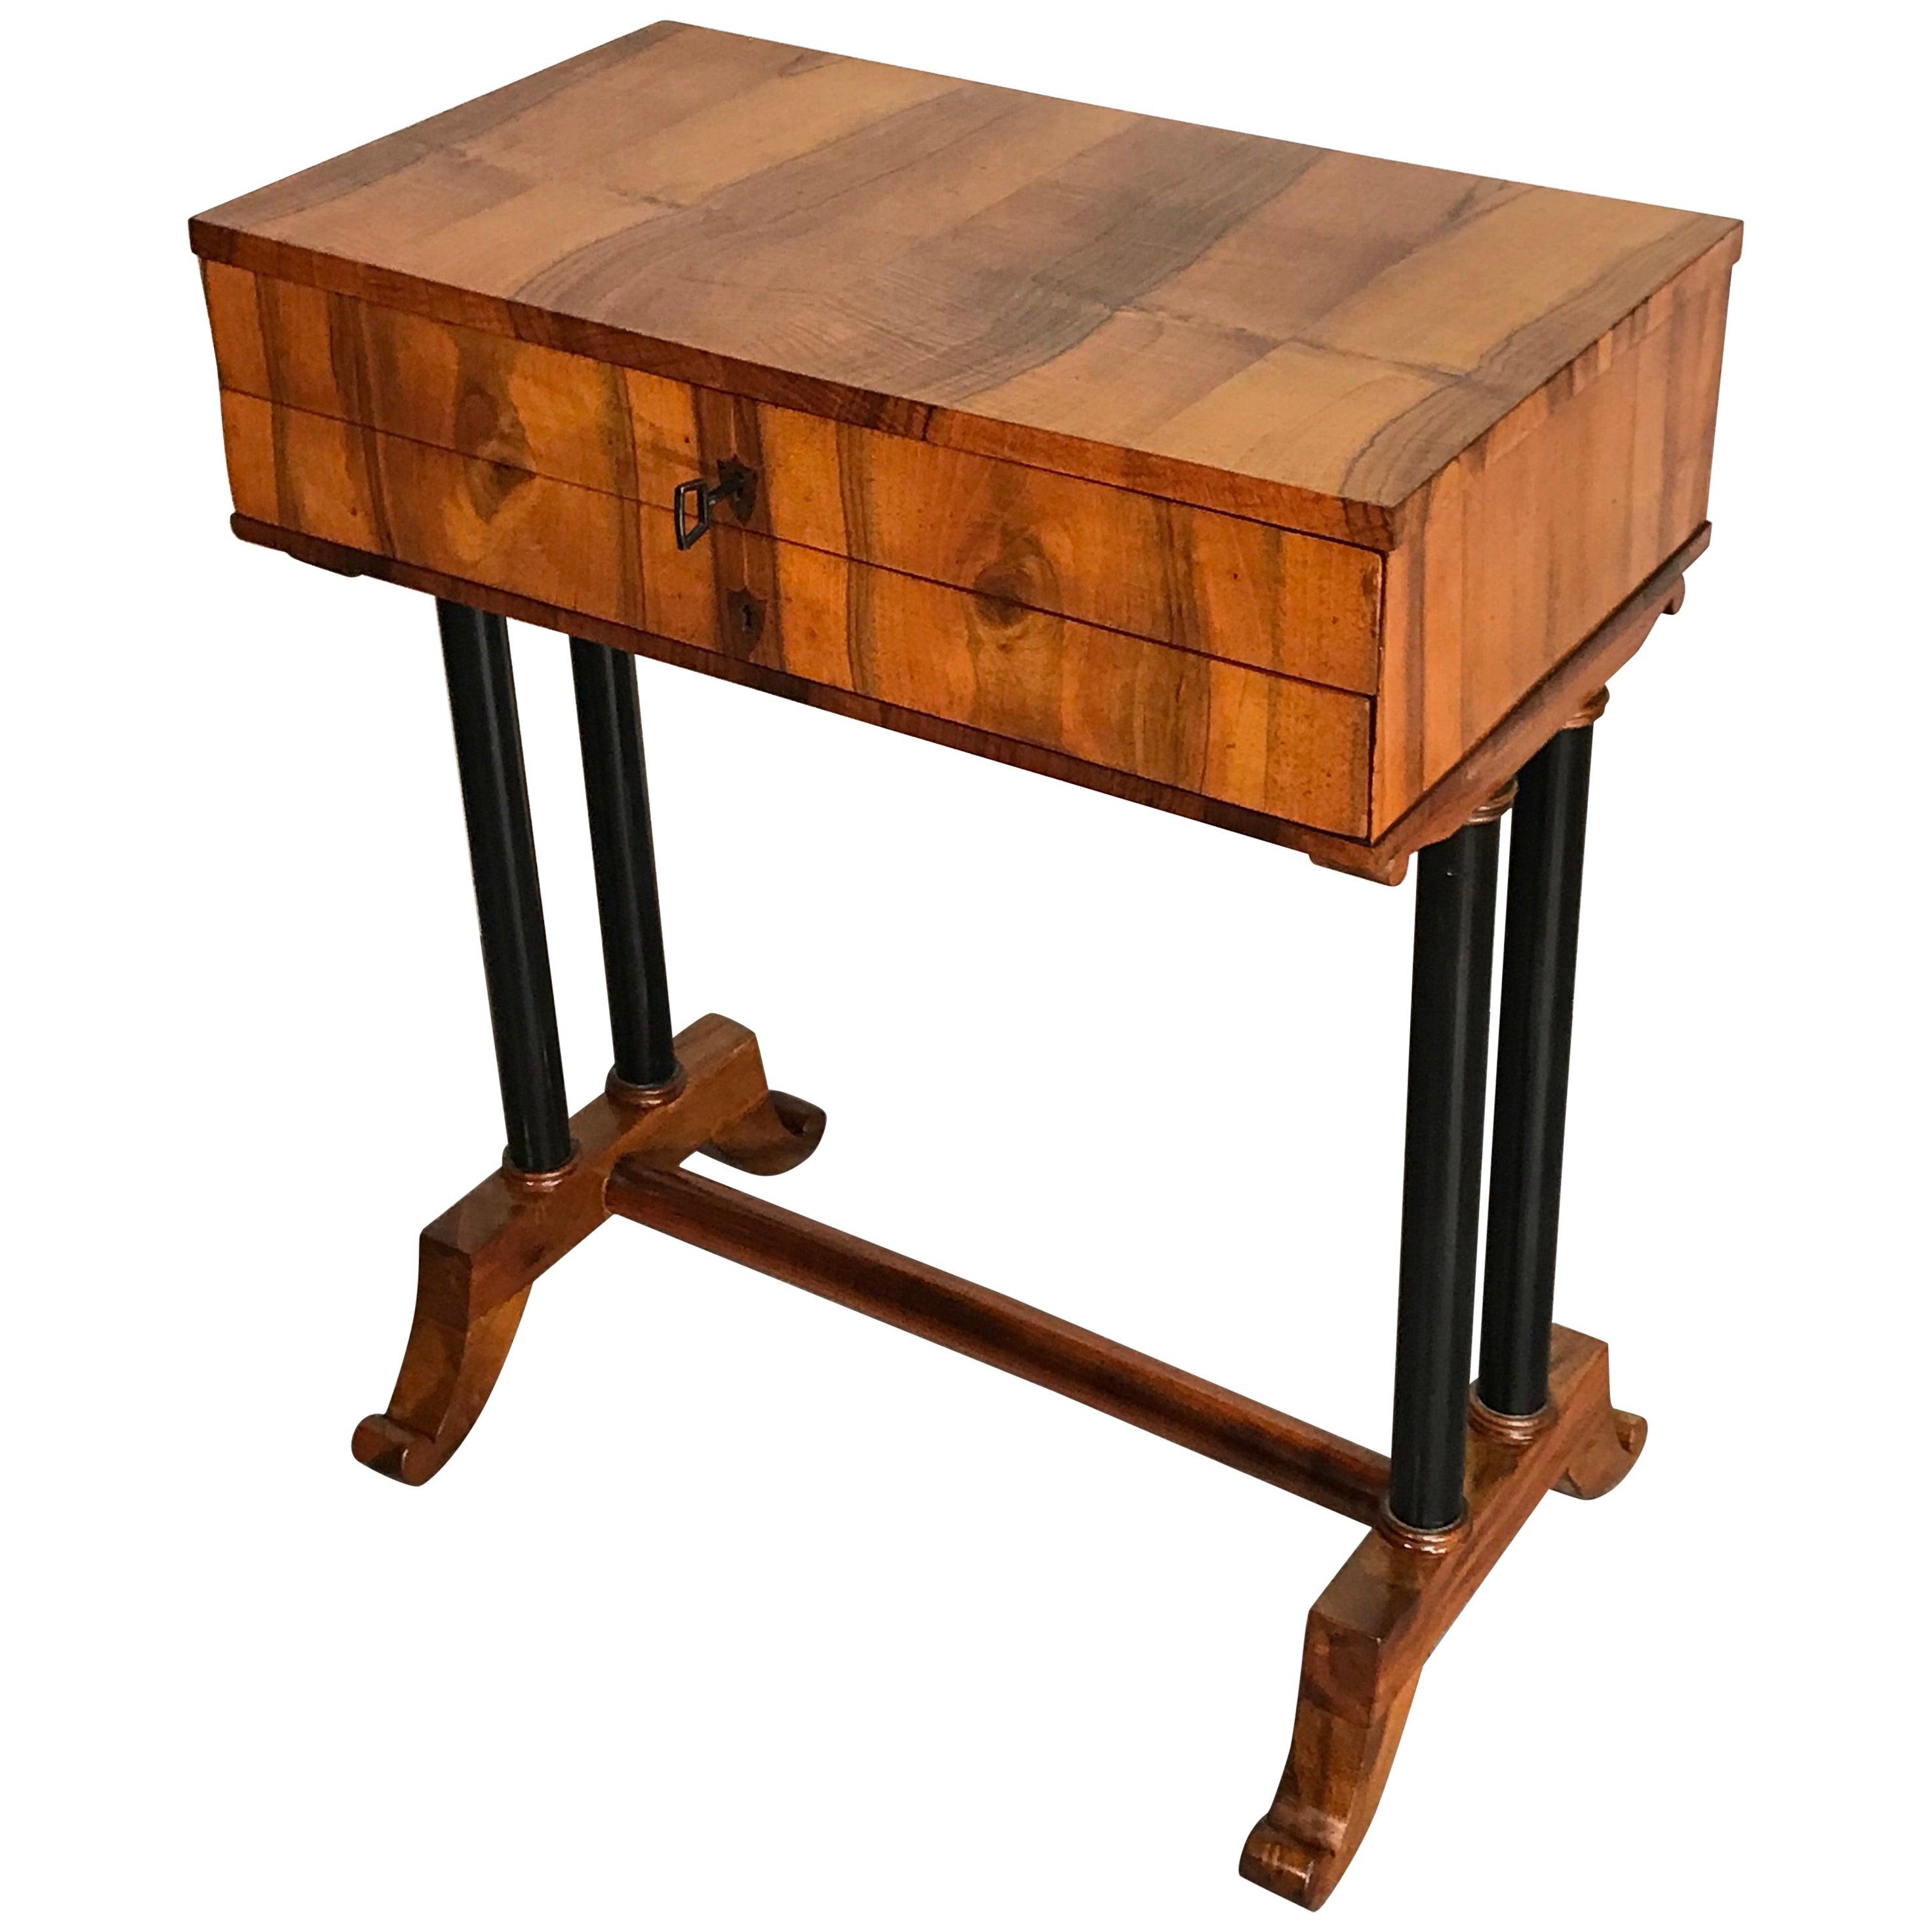 Biedermeier Side- or Sewing Table, South German, 1815